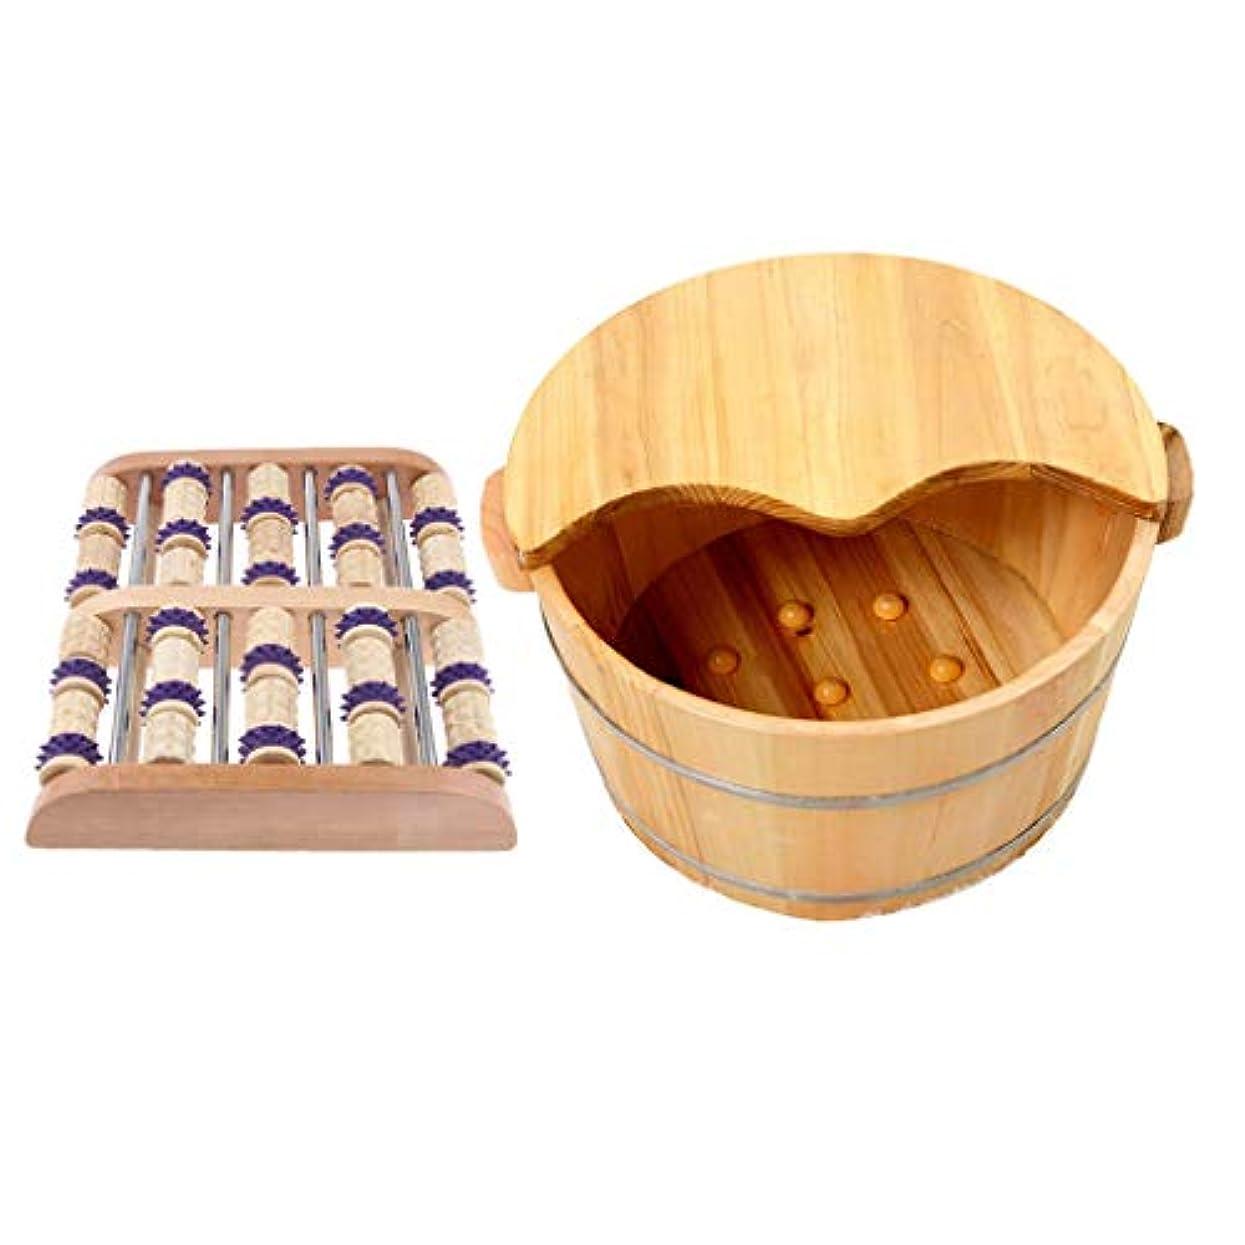 脱臼する預言者有益なD DOLITY ウッド足つぼマッサージ ローラー 手作り フットマッサー 木製の足の洗面台付き 足裏 ツボ押し